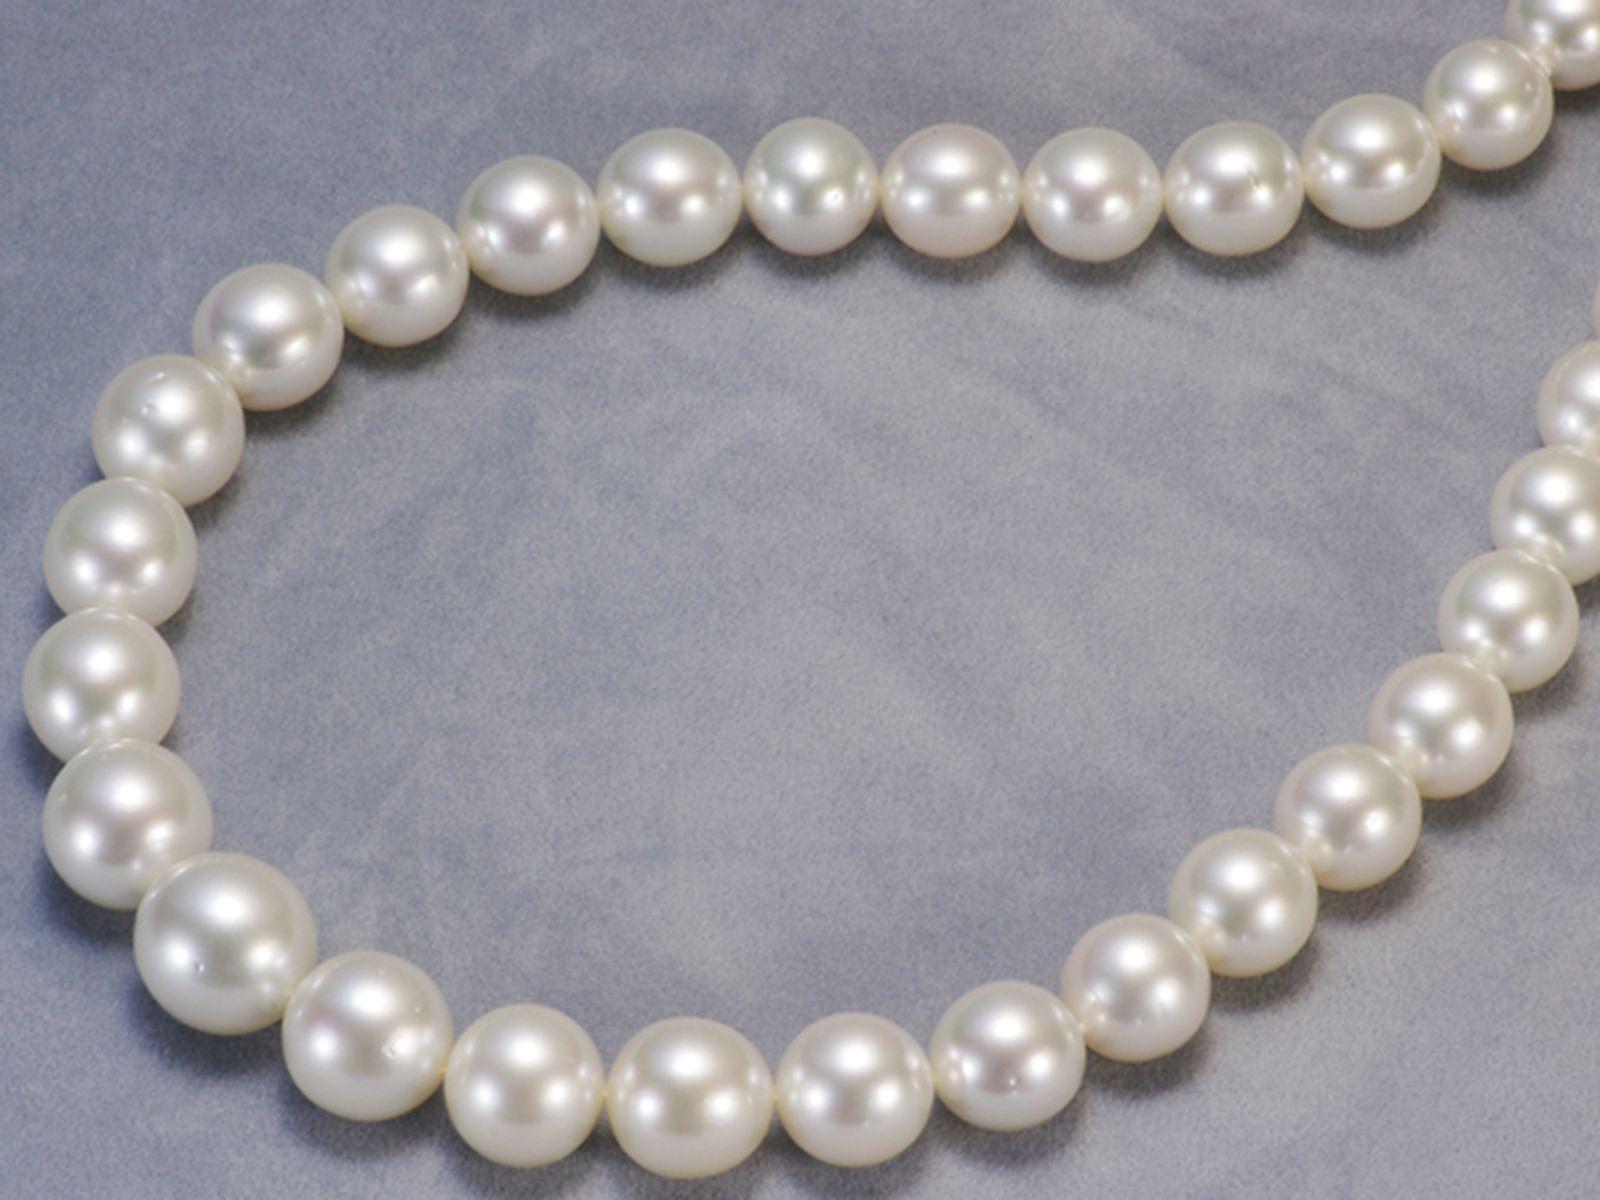 南洋白蝶真珠フォーマルネックレス 約11.0-14.4mmの写真